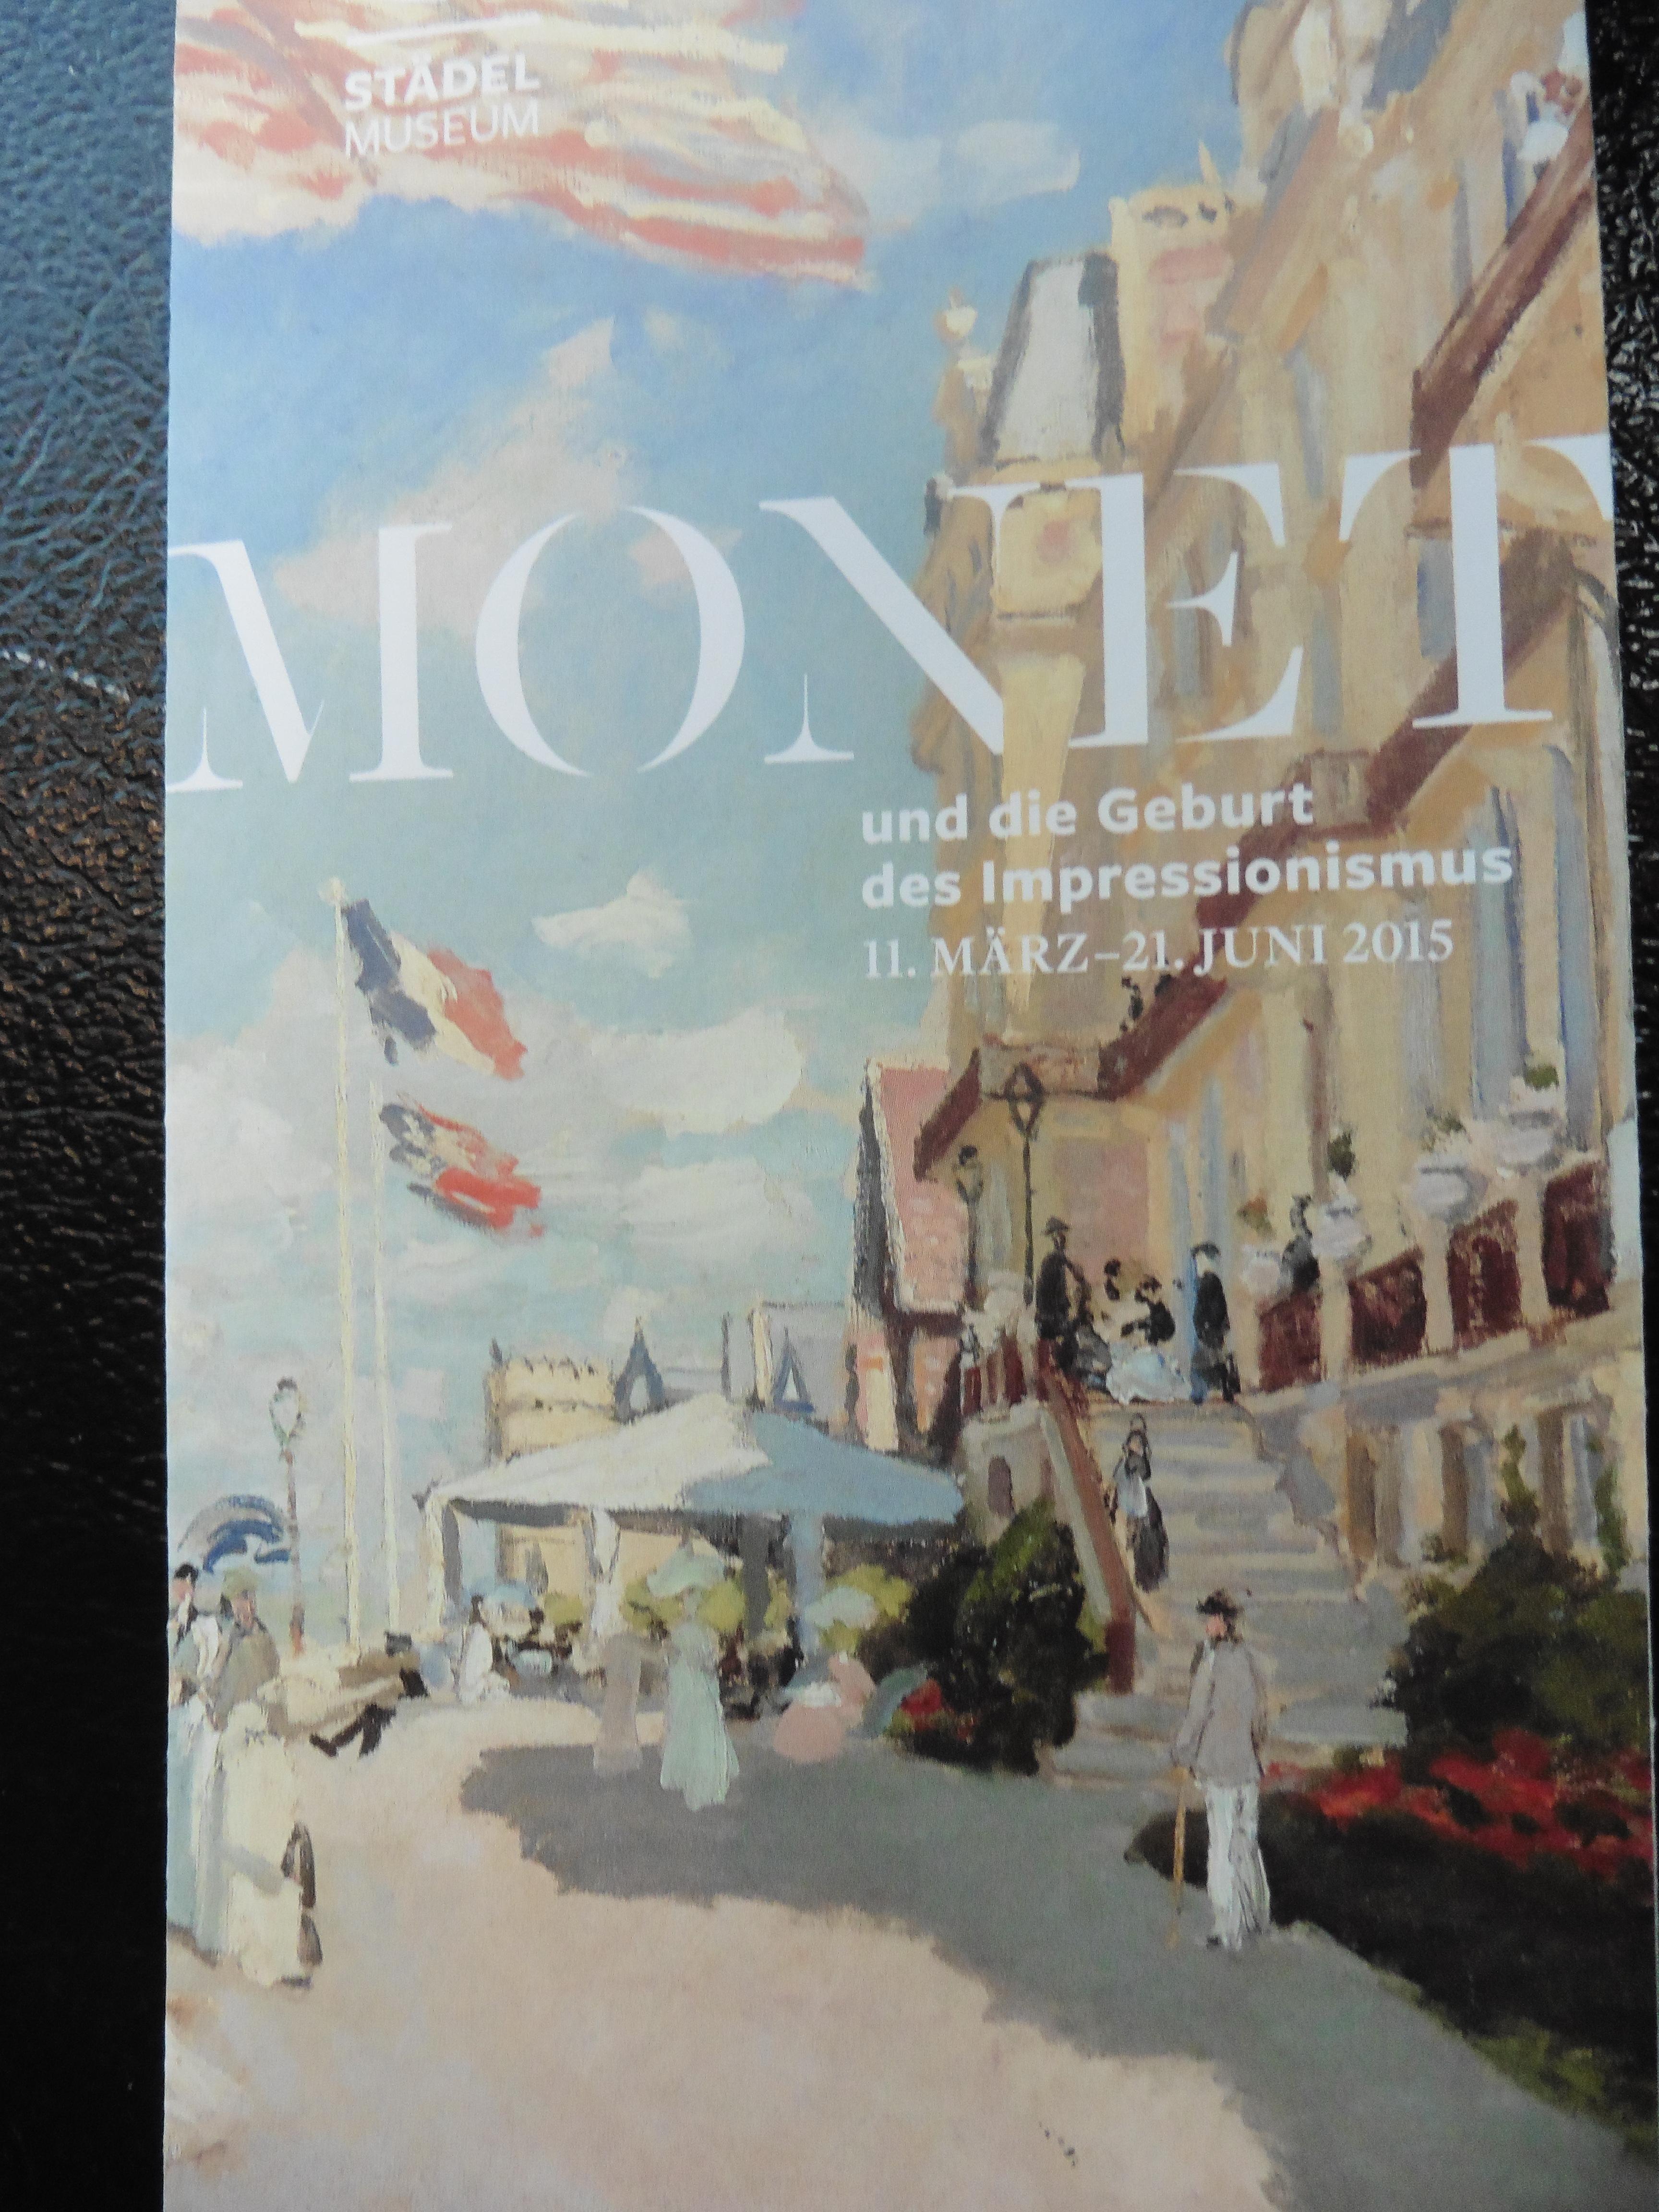 Monet Ausstellung Frankfurt Städel